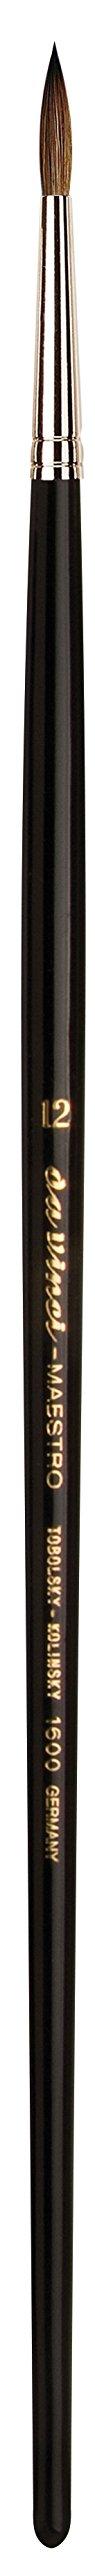 da Vinci Oil & Acrylic Series 1600 Maestro Oil